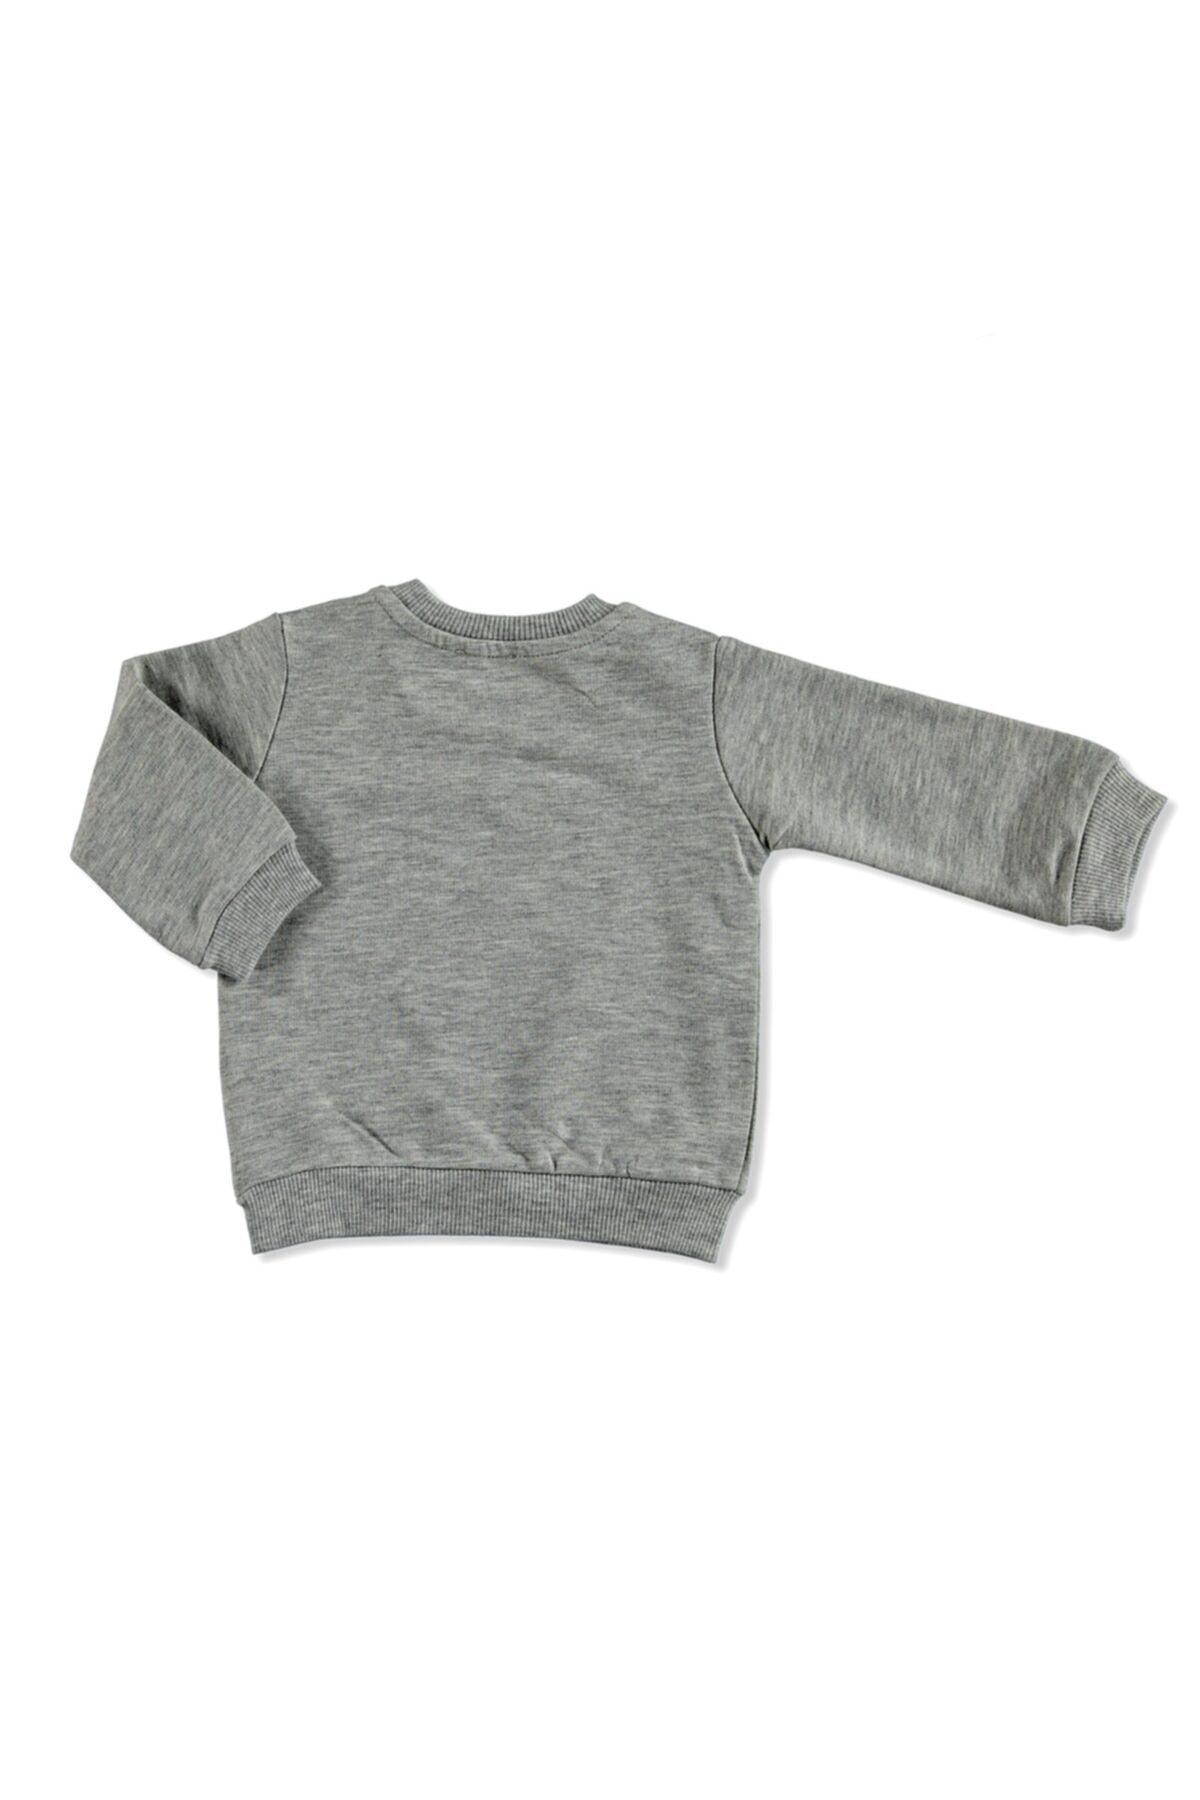 HelloBaby Unisex Gri Melanj Basic Baskılı Sweatshirt